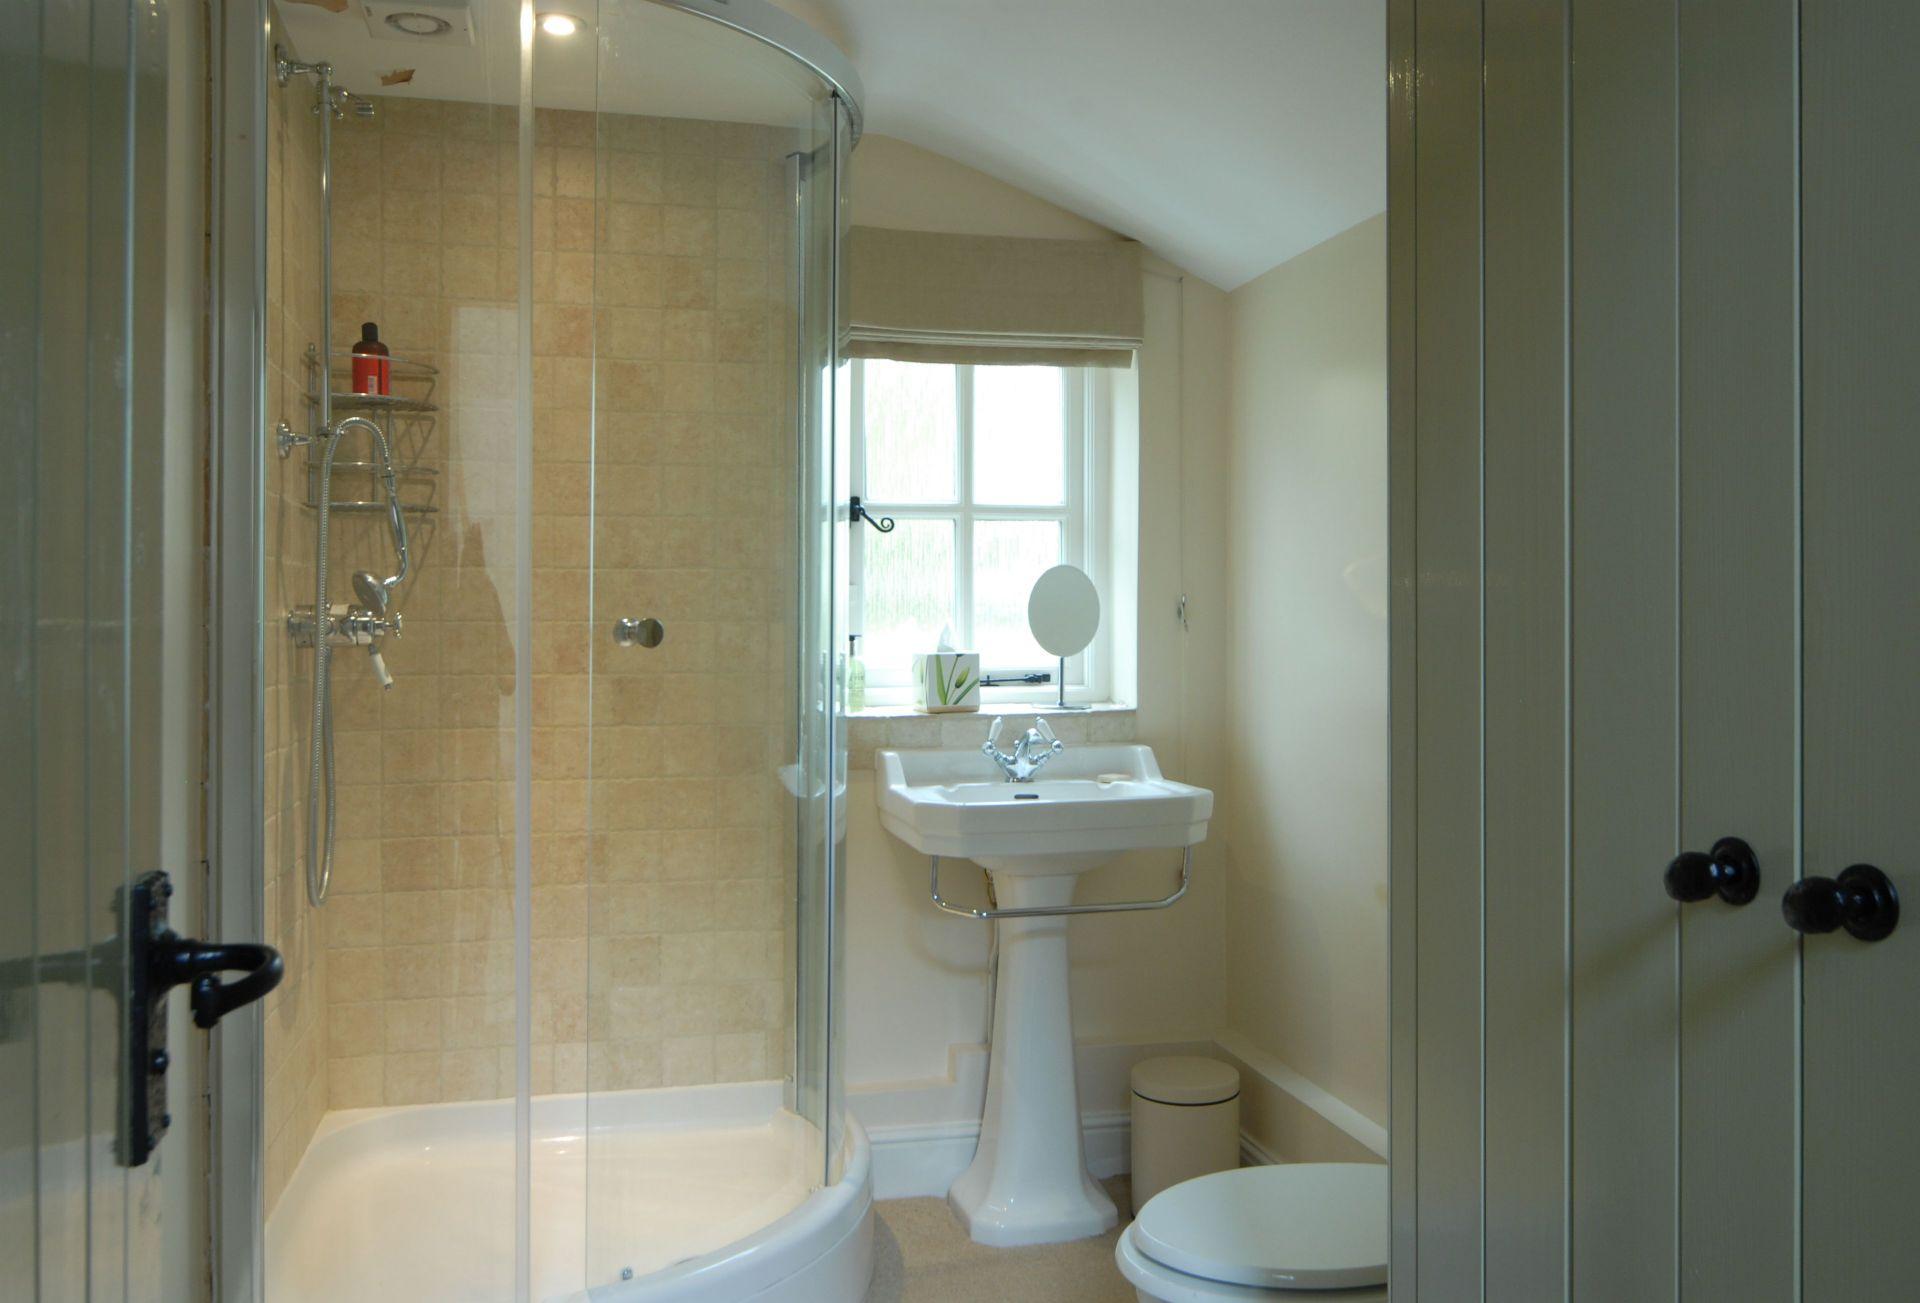 Annexe ground floor:  En-suite shower room